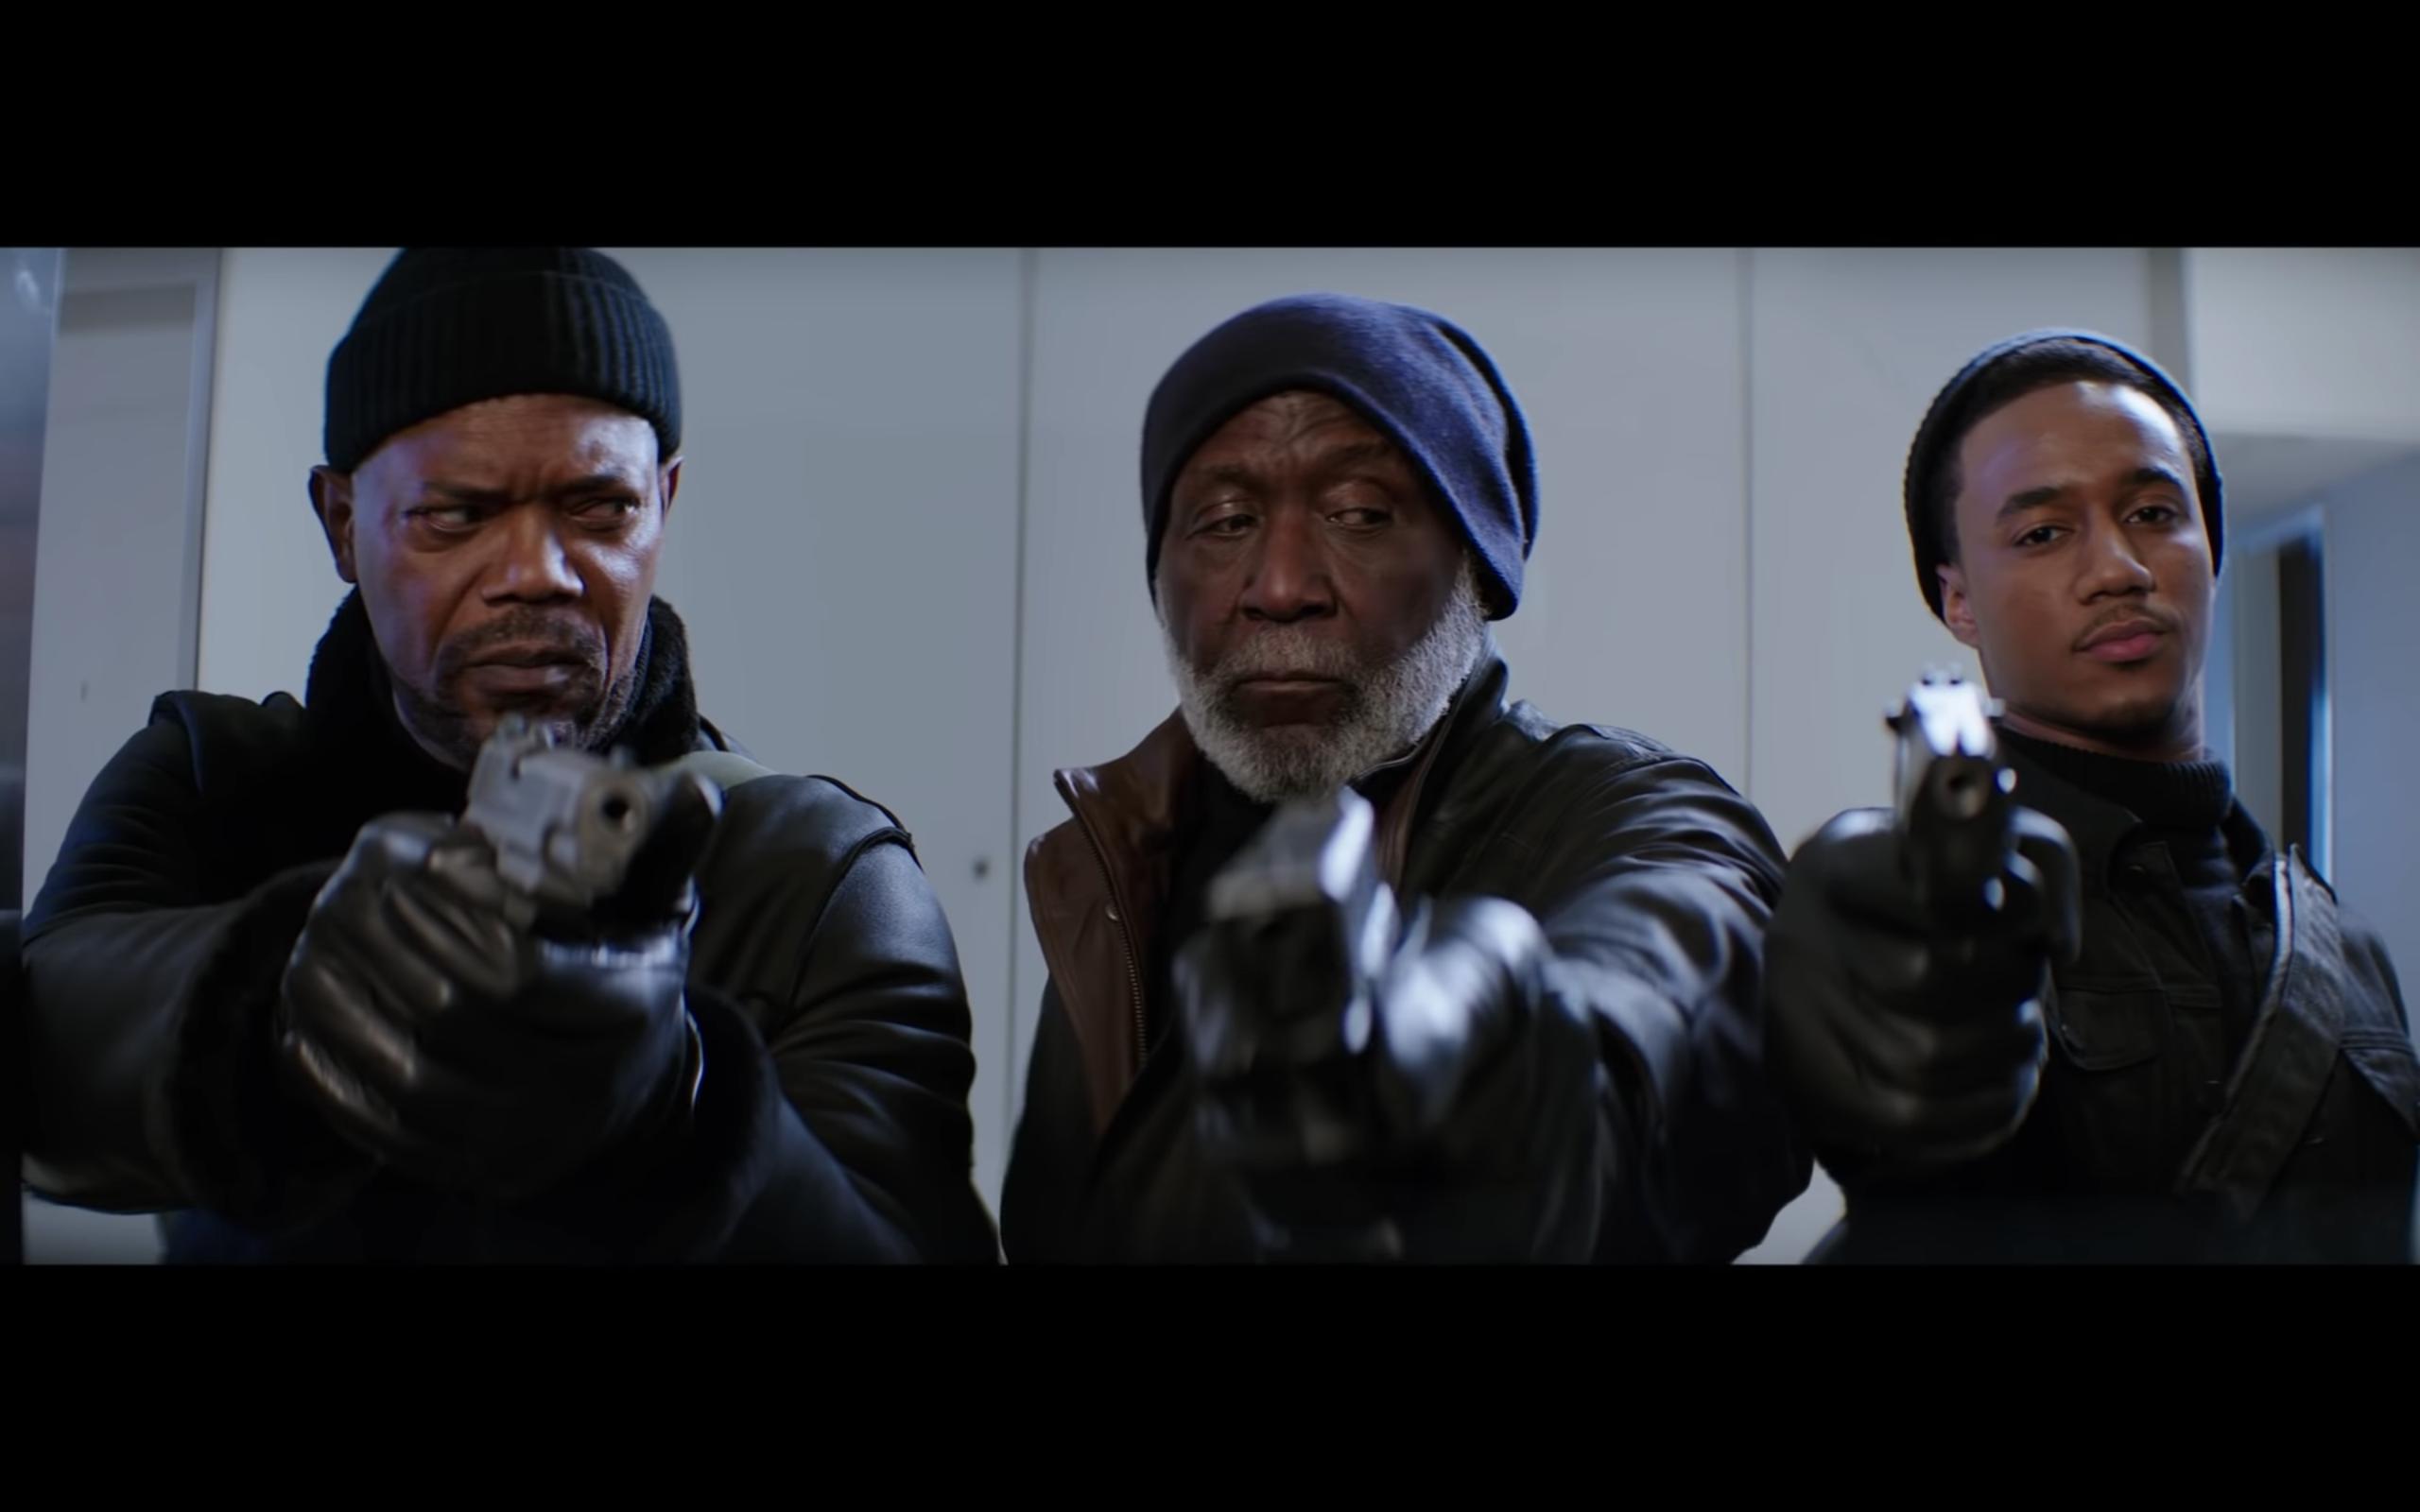 《新殺戮戰警》(Shaft) 2019全新電影預告  MDFK「黑豹」家族三代同堂伸張正義首圖